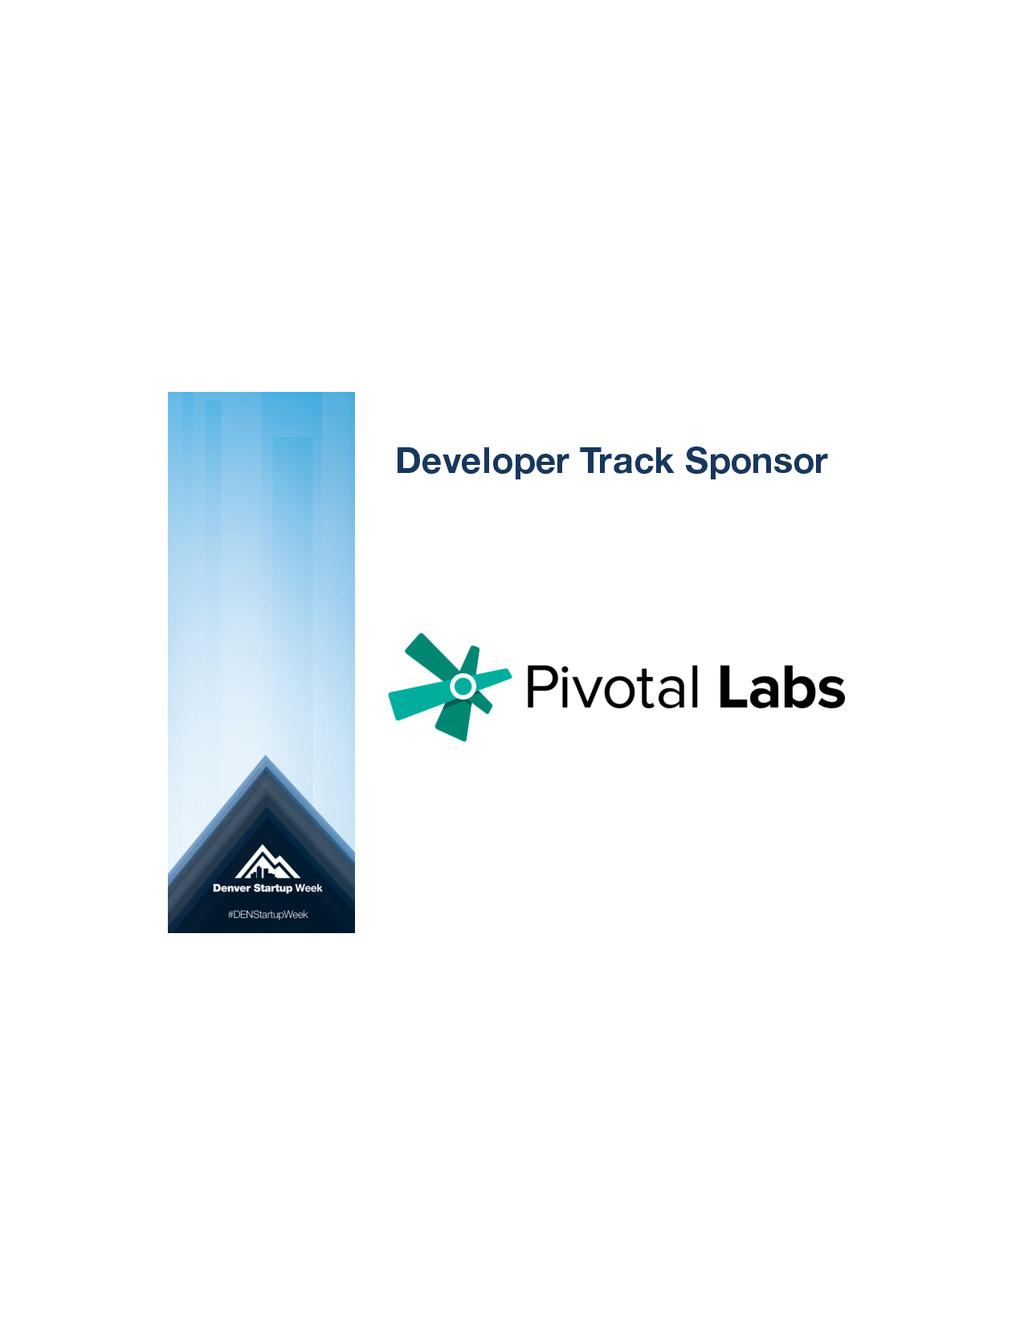 Developer Track Sponsor